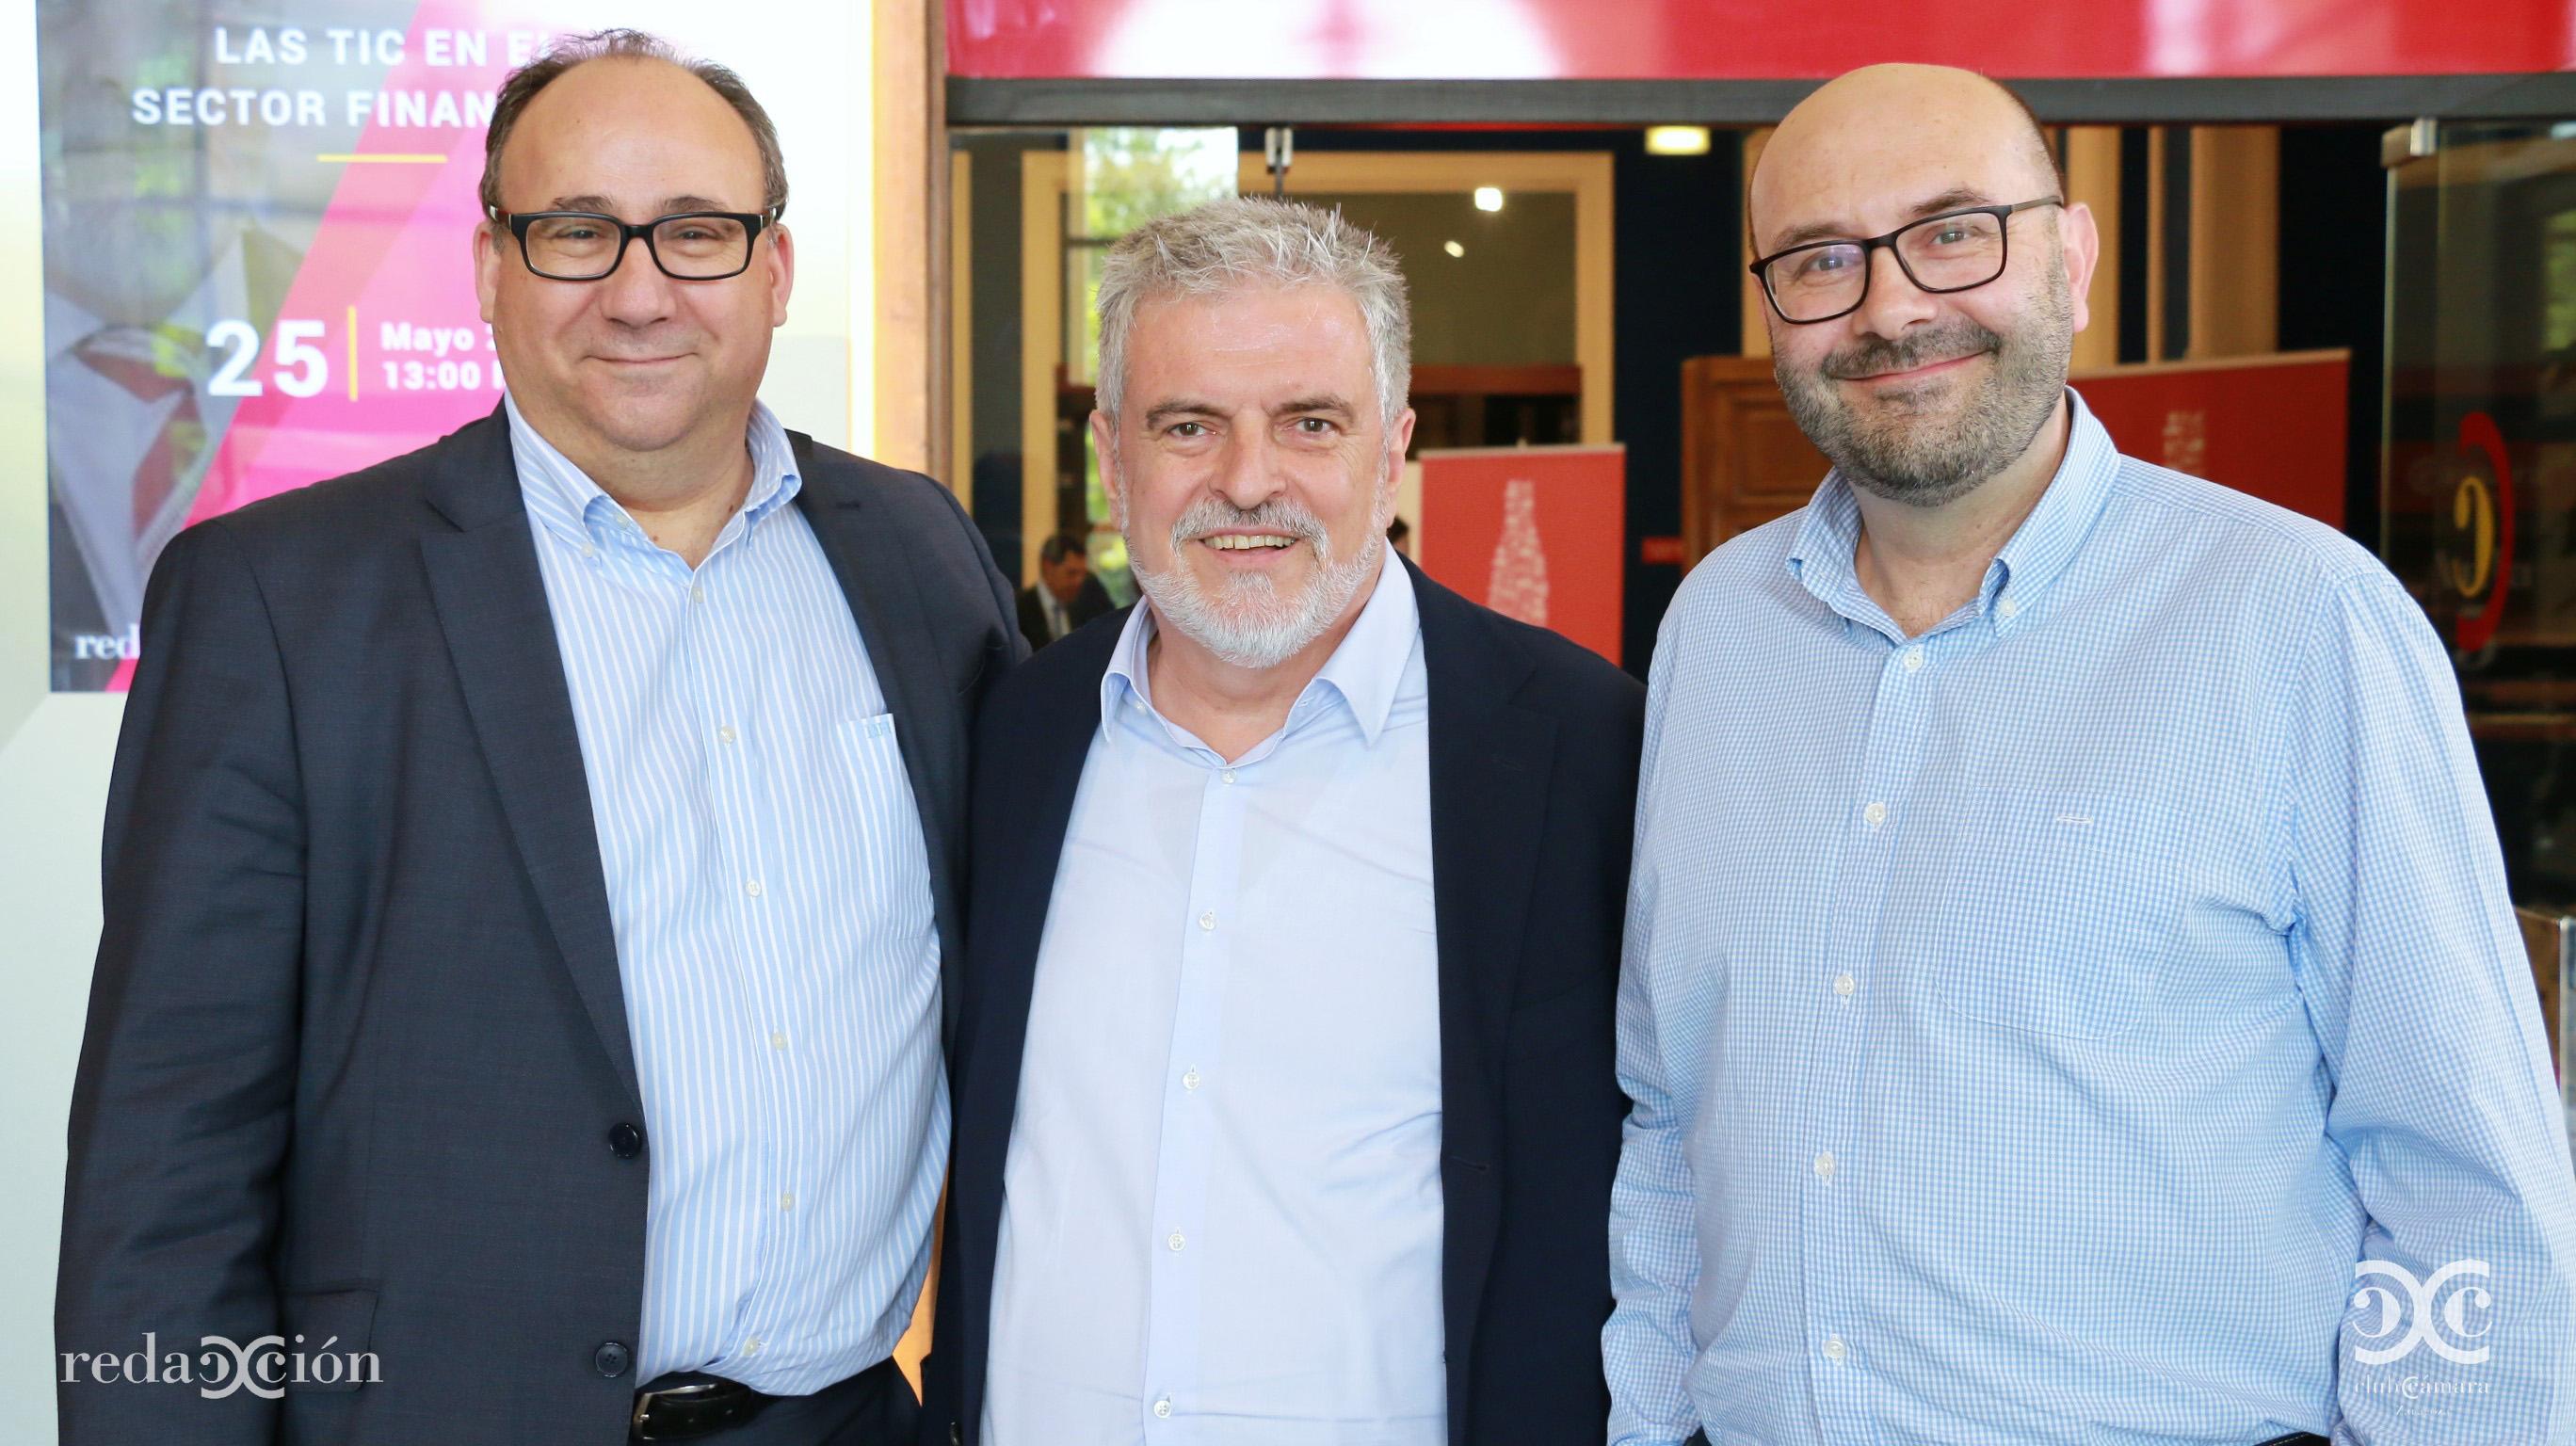 Jesús Fernández Tapias, Carlos Eres y Ramón Añaños.